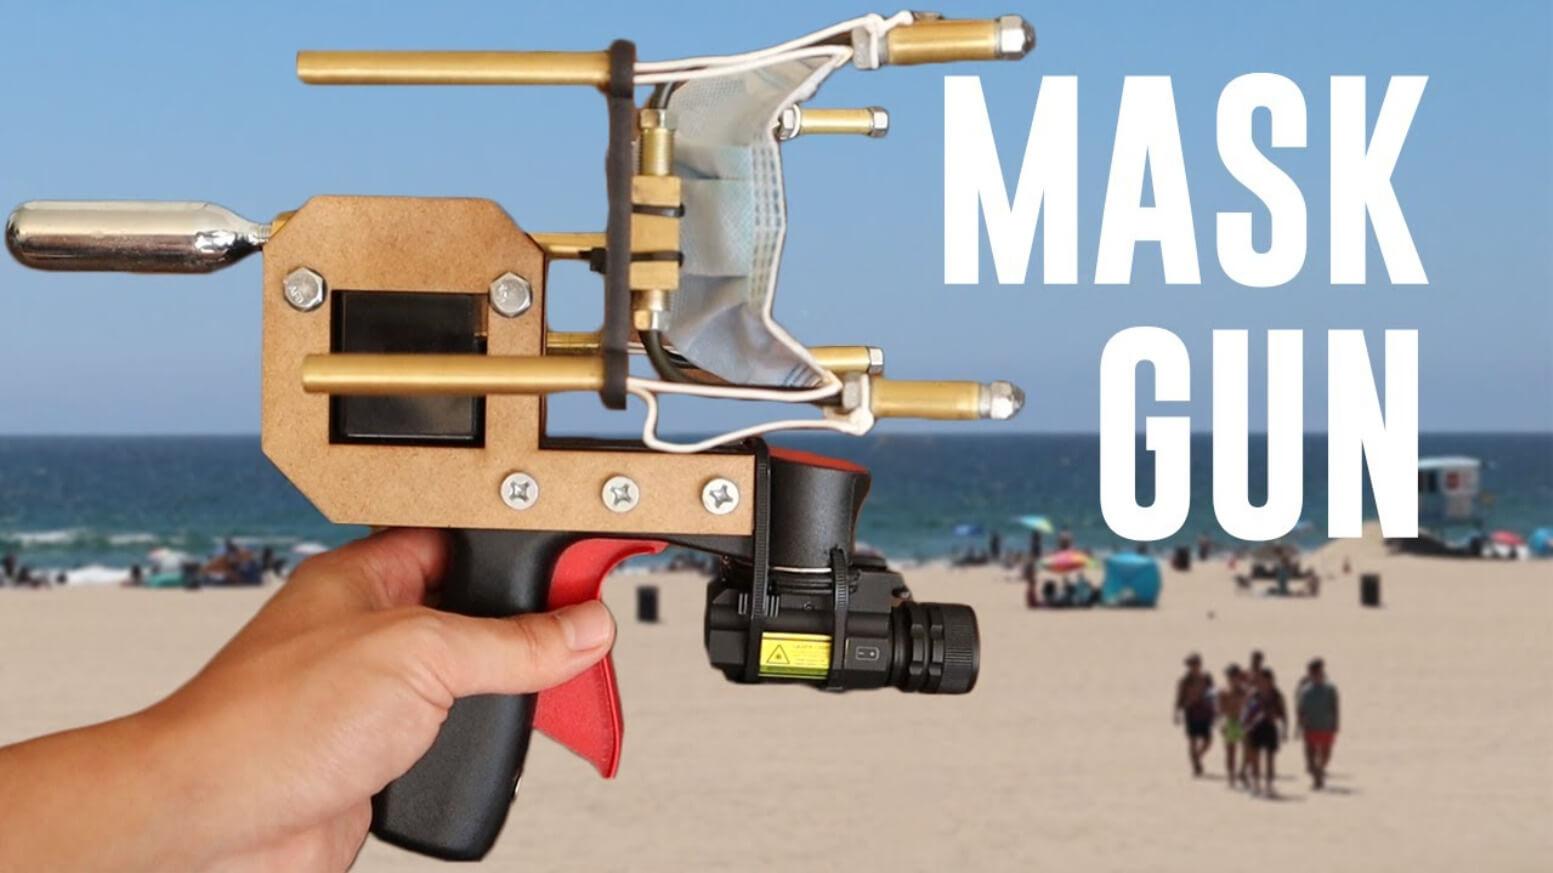 Homem constrói arma que atira máscaras em pessoas